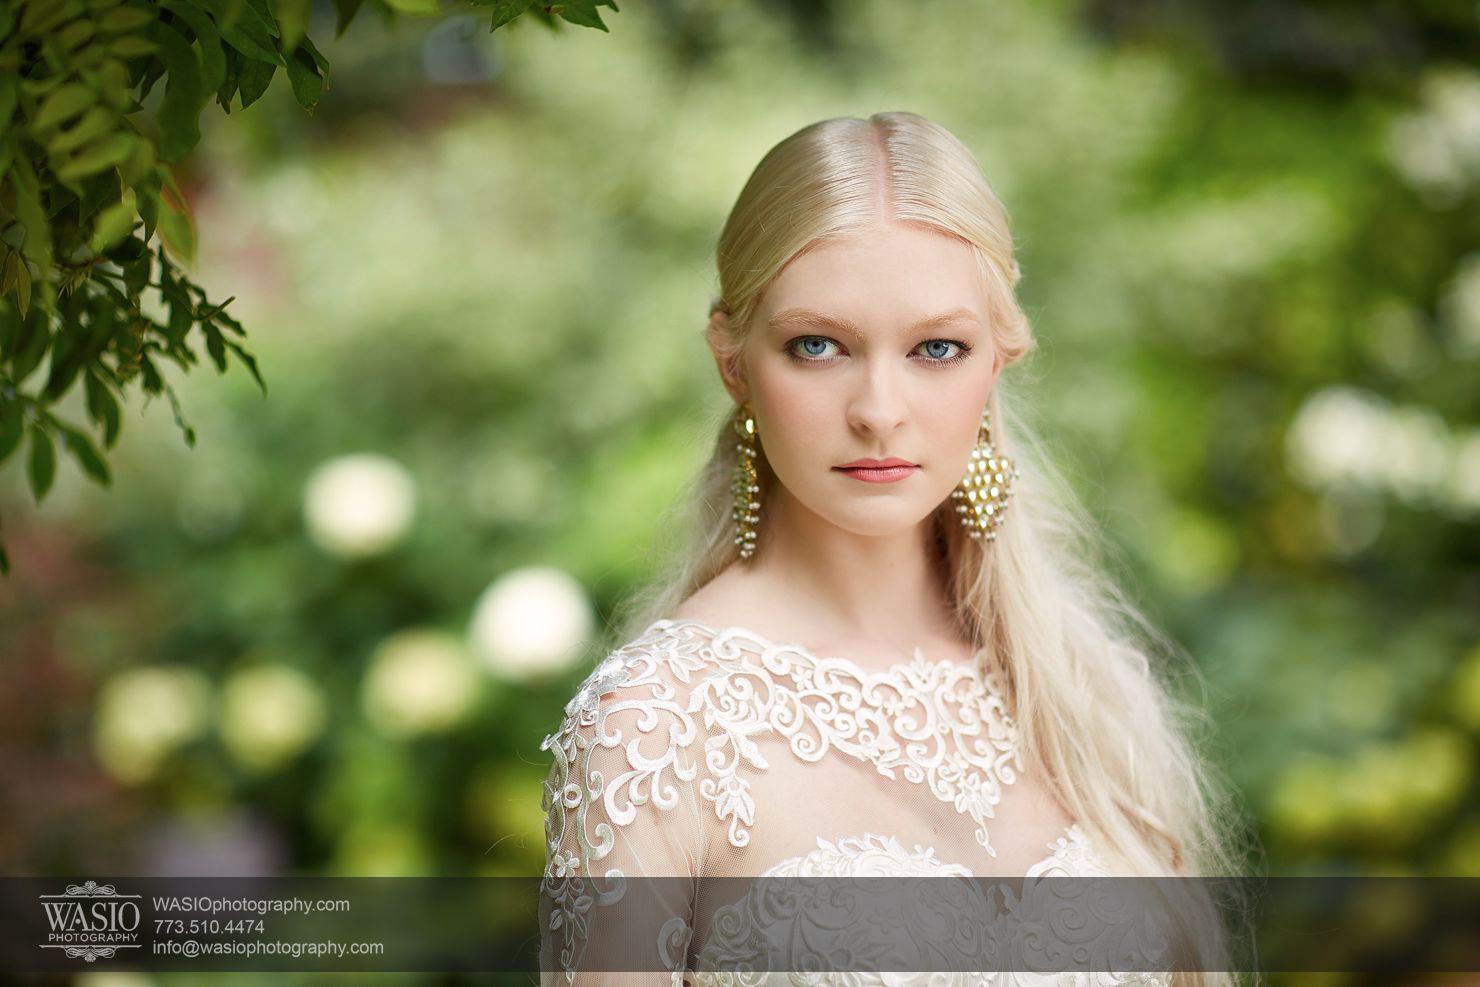 chicago-botanic-garden-classy-bride-summer-wedding-015 Chicago Botanic Garden - Classy Bride